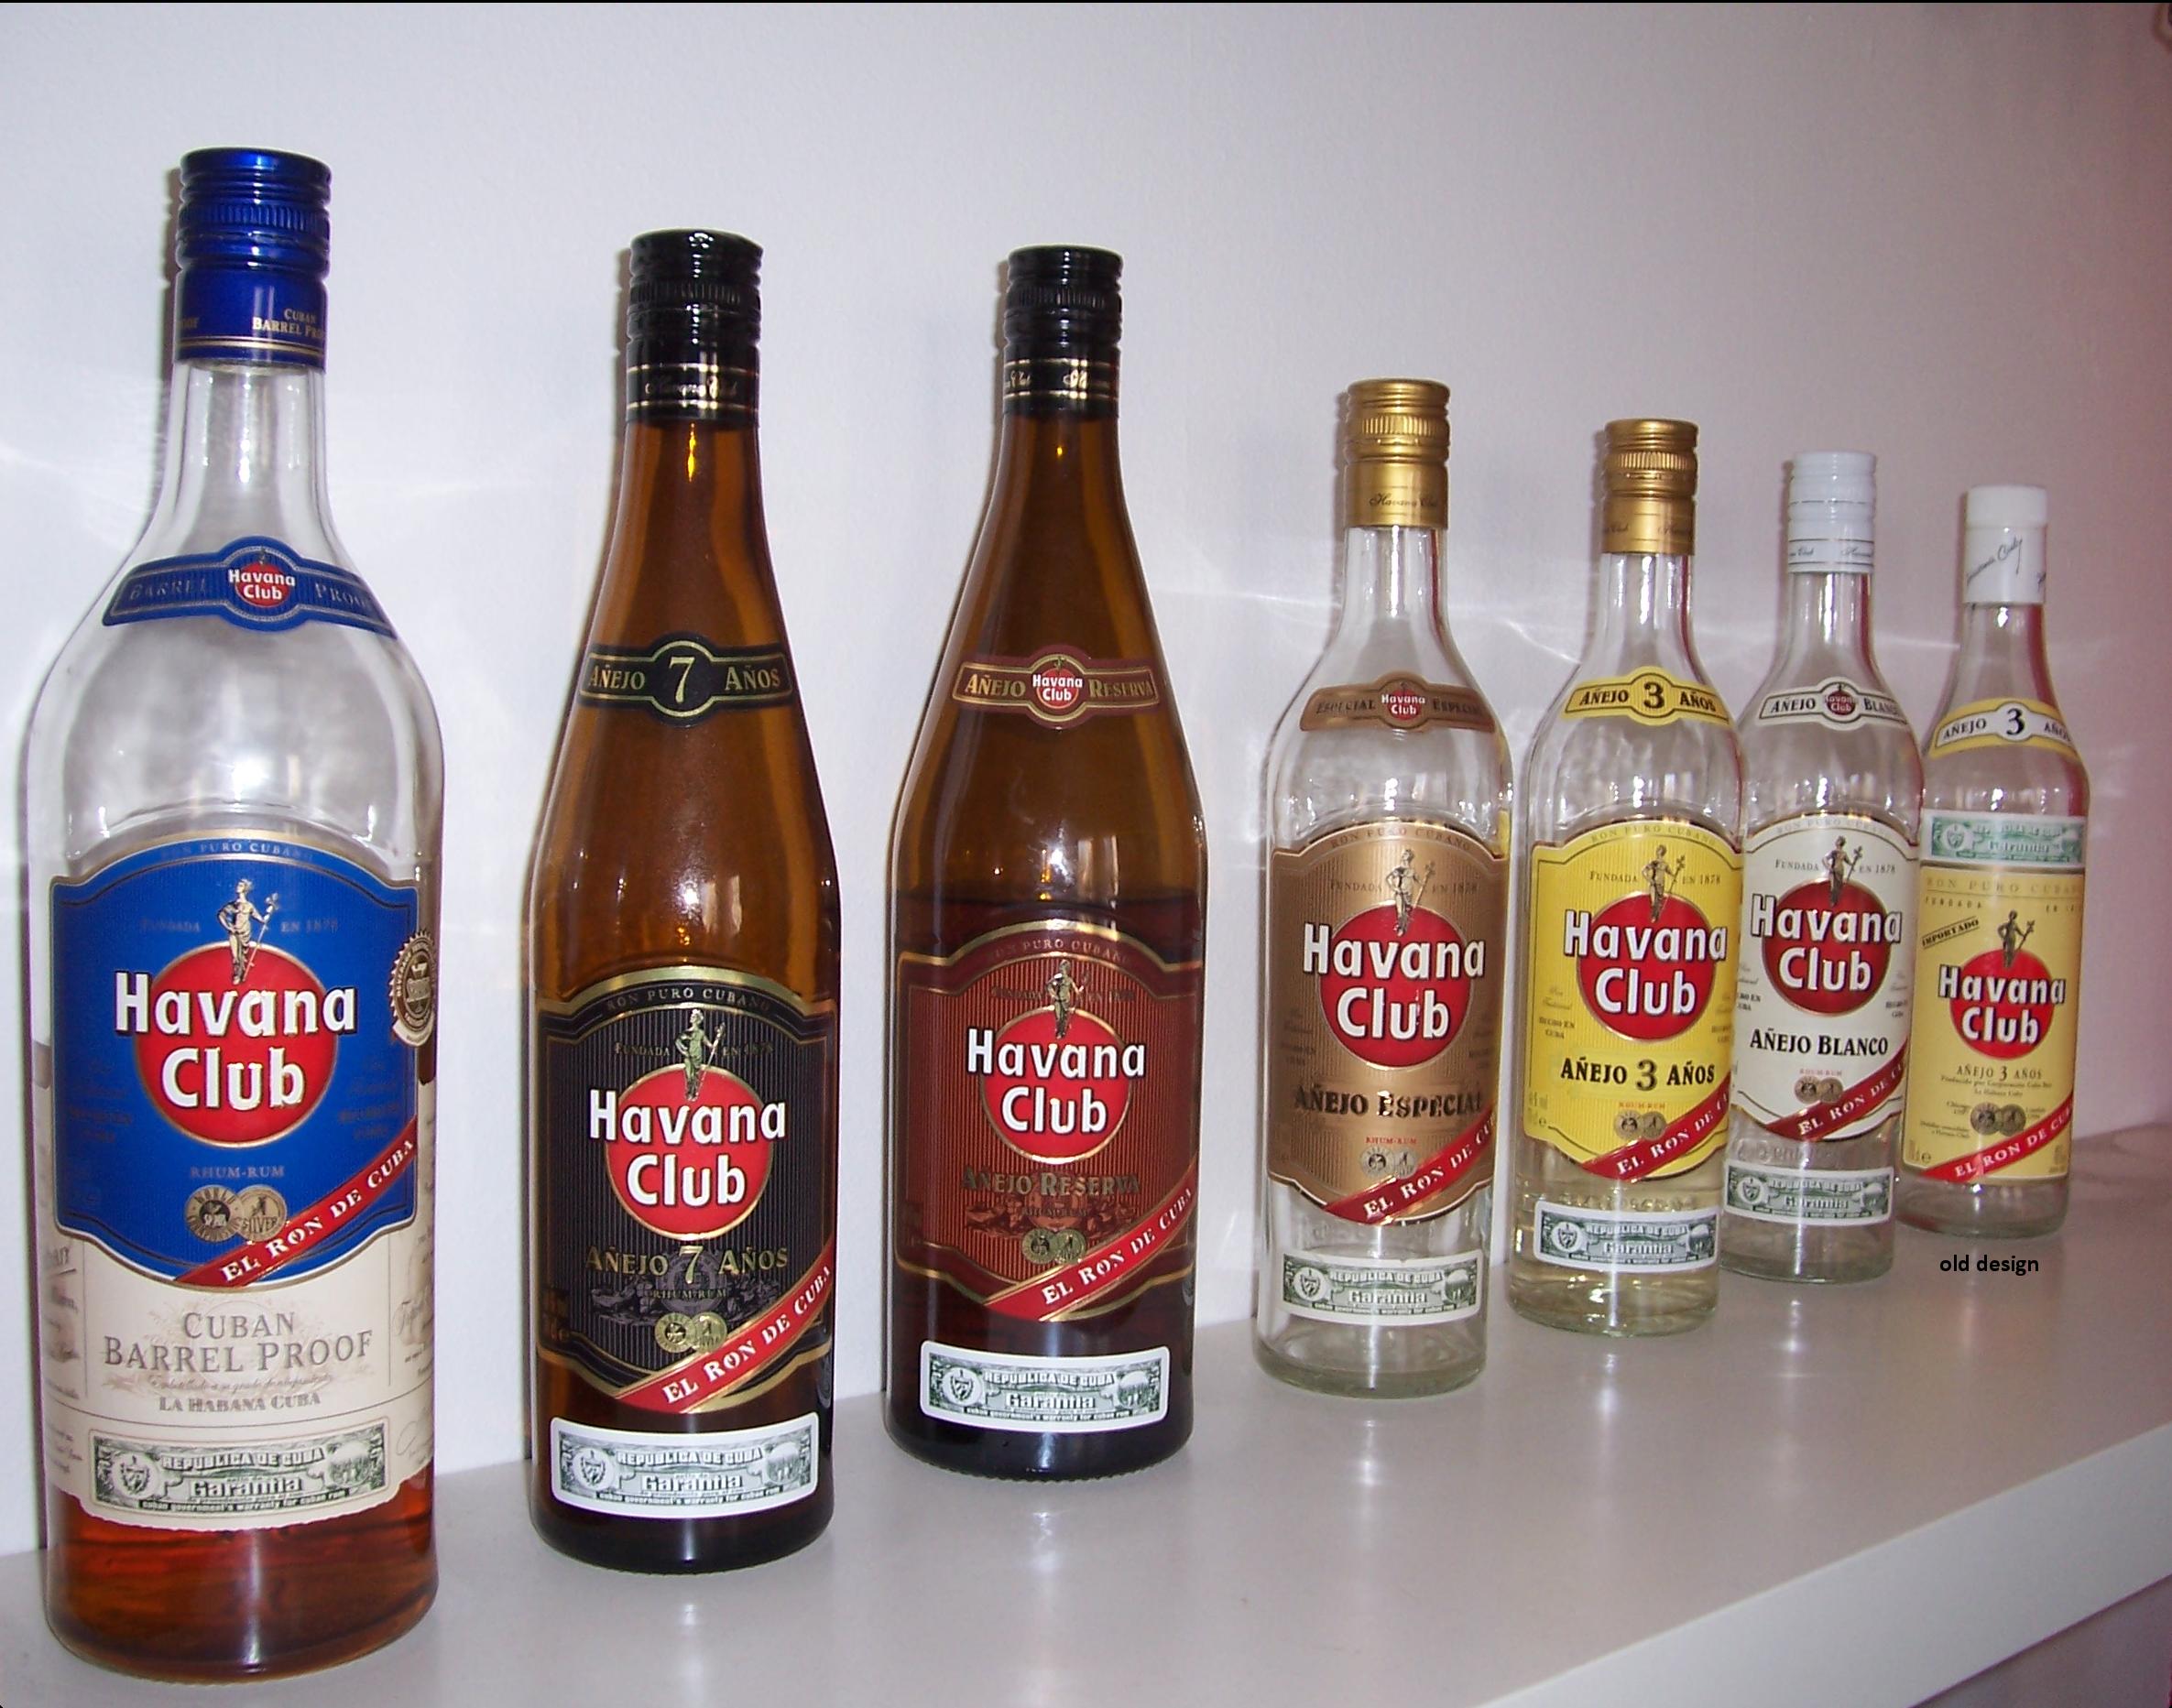 havanna rum